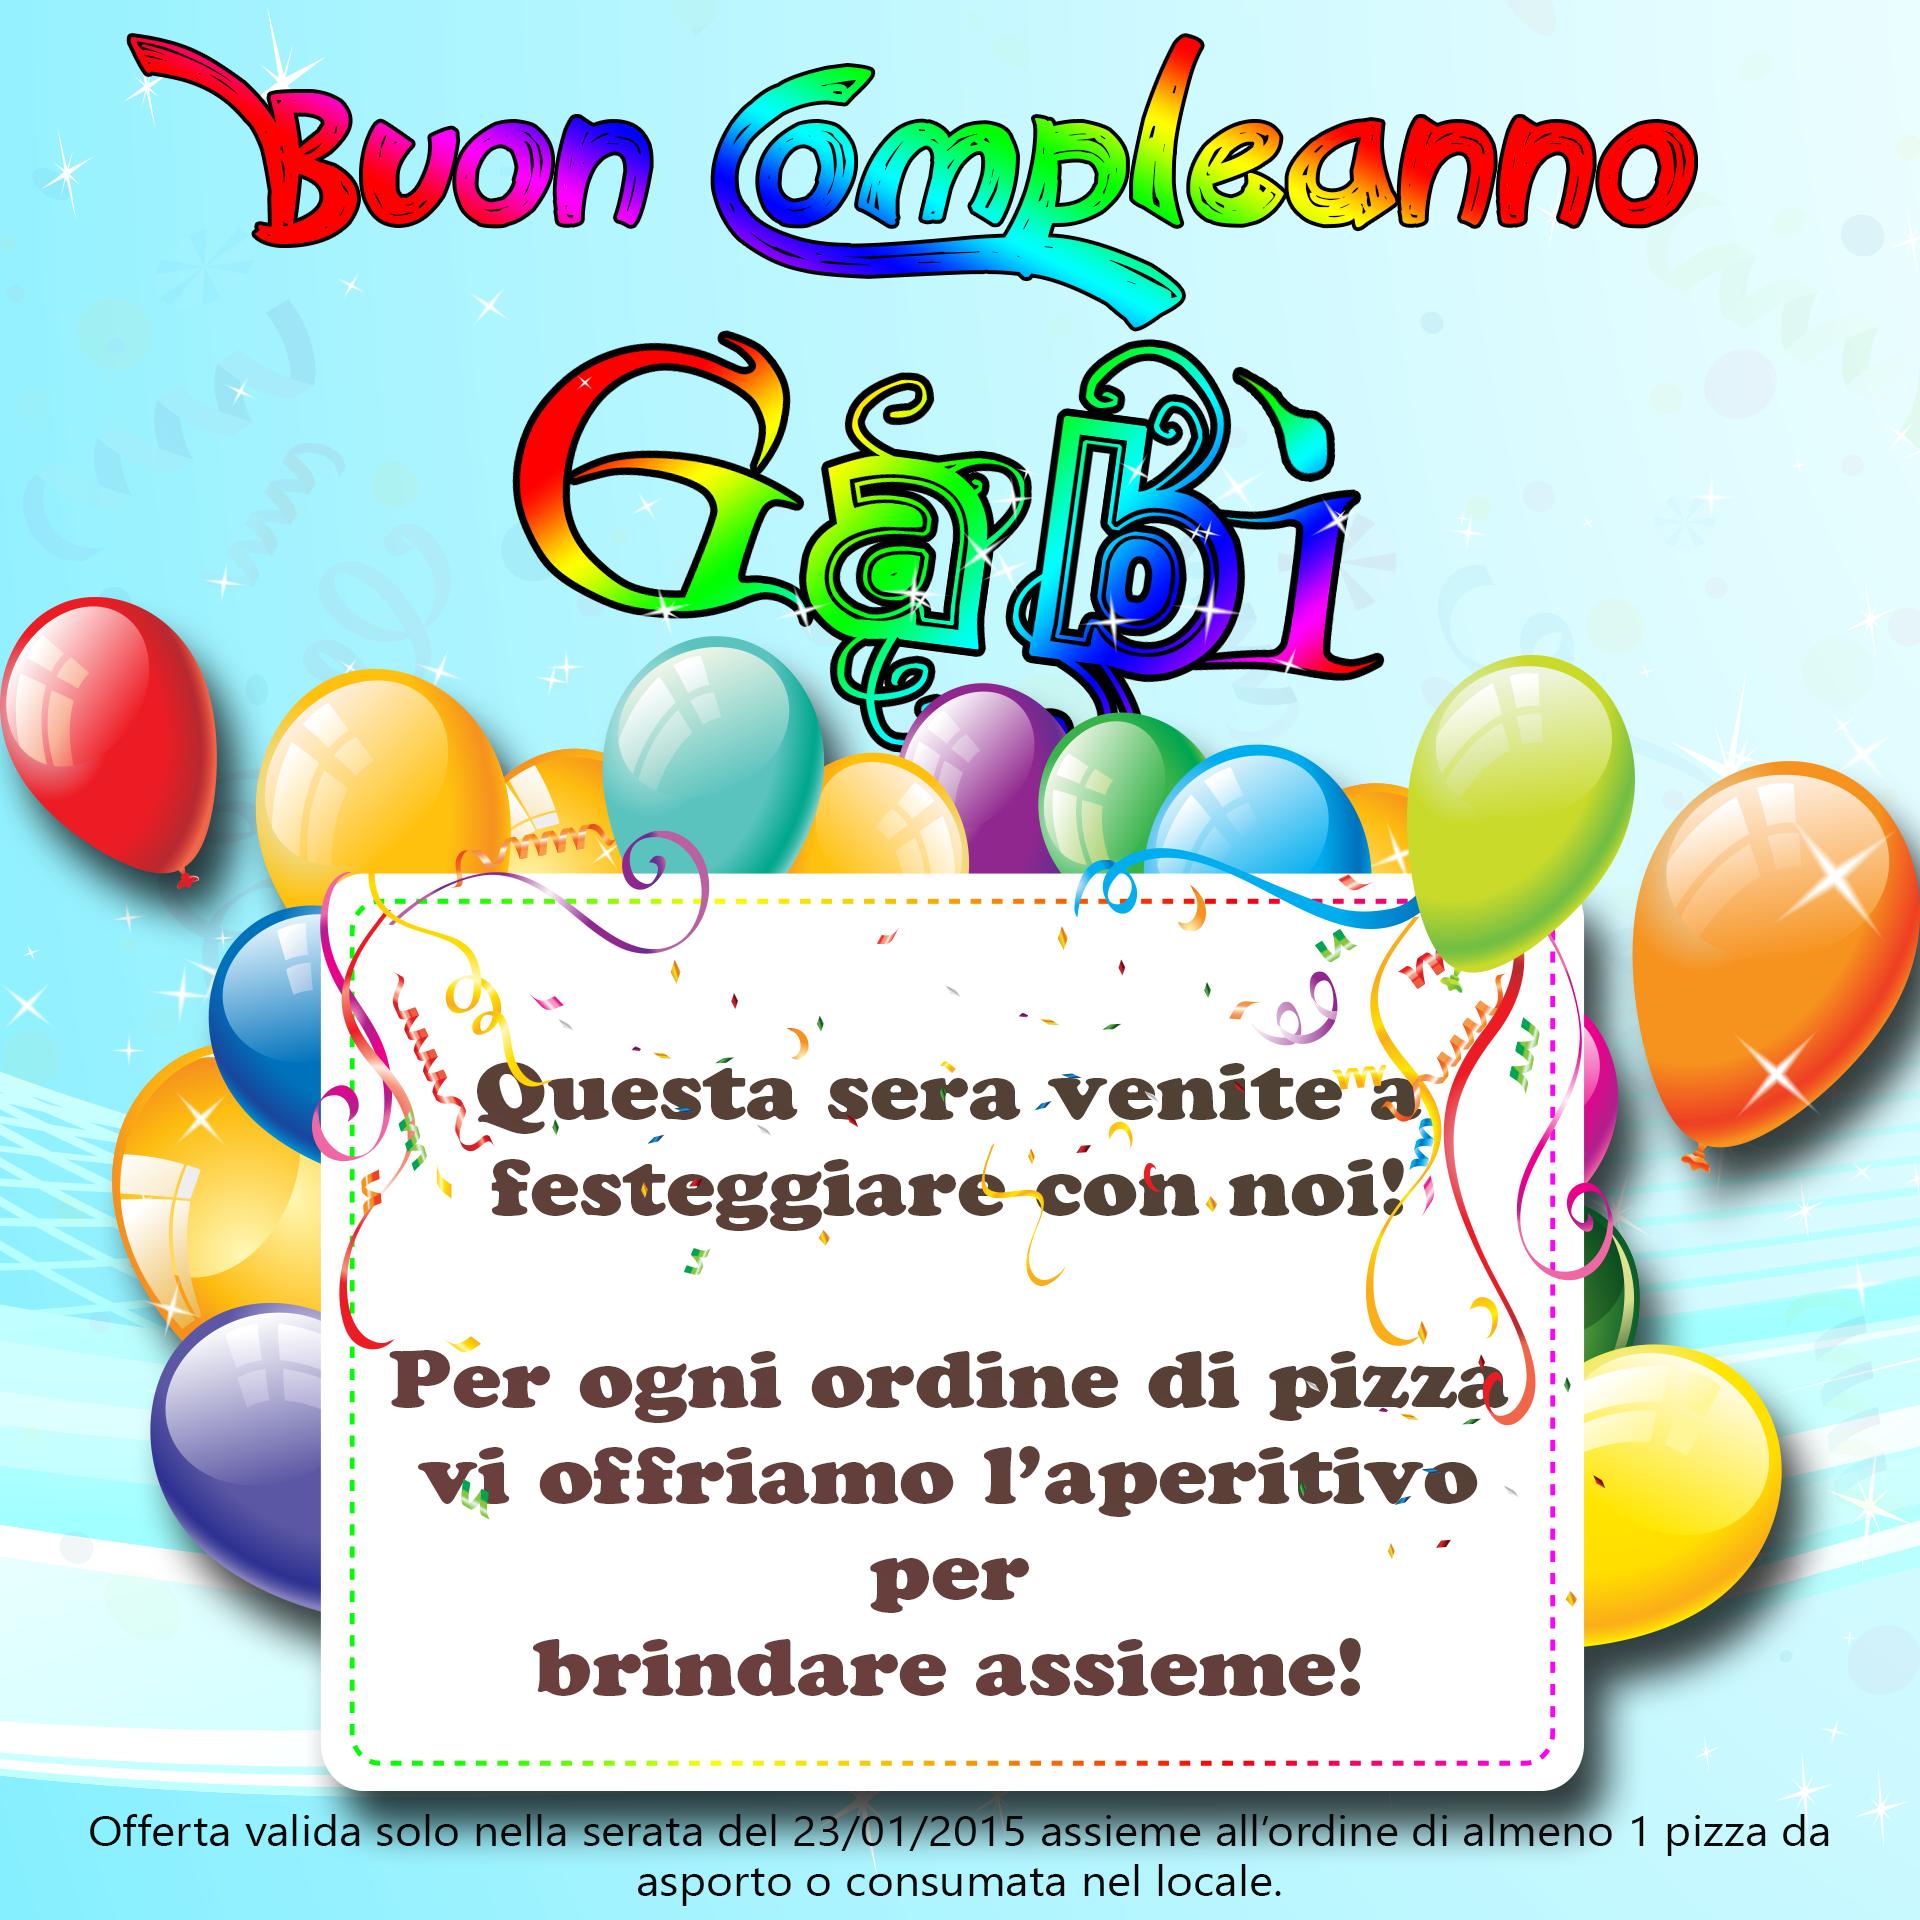 Amato Buon Compleanno Gabì! - Gabì Pizzeria Ristorante XL85